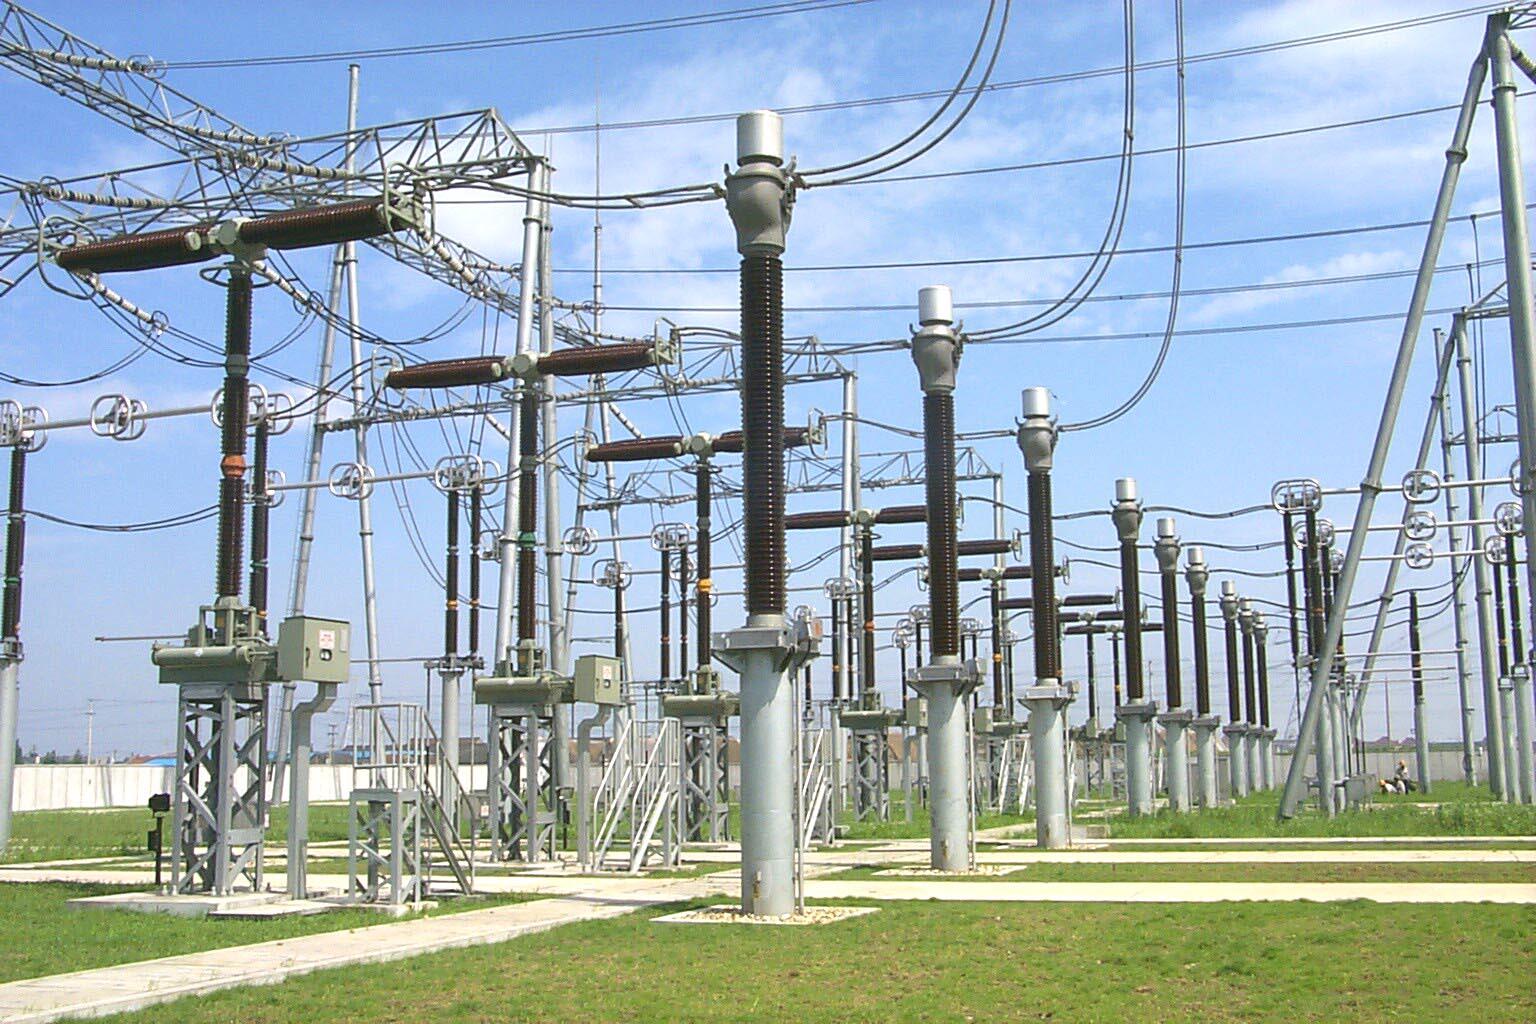 آییننامه اجرایی تعیین قیمت خرید برق با توجه به ساز و کار بازار در بورس تصویب شد